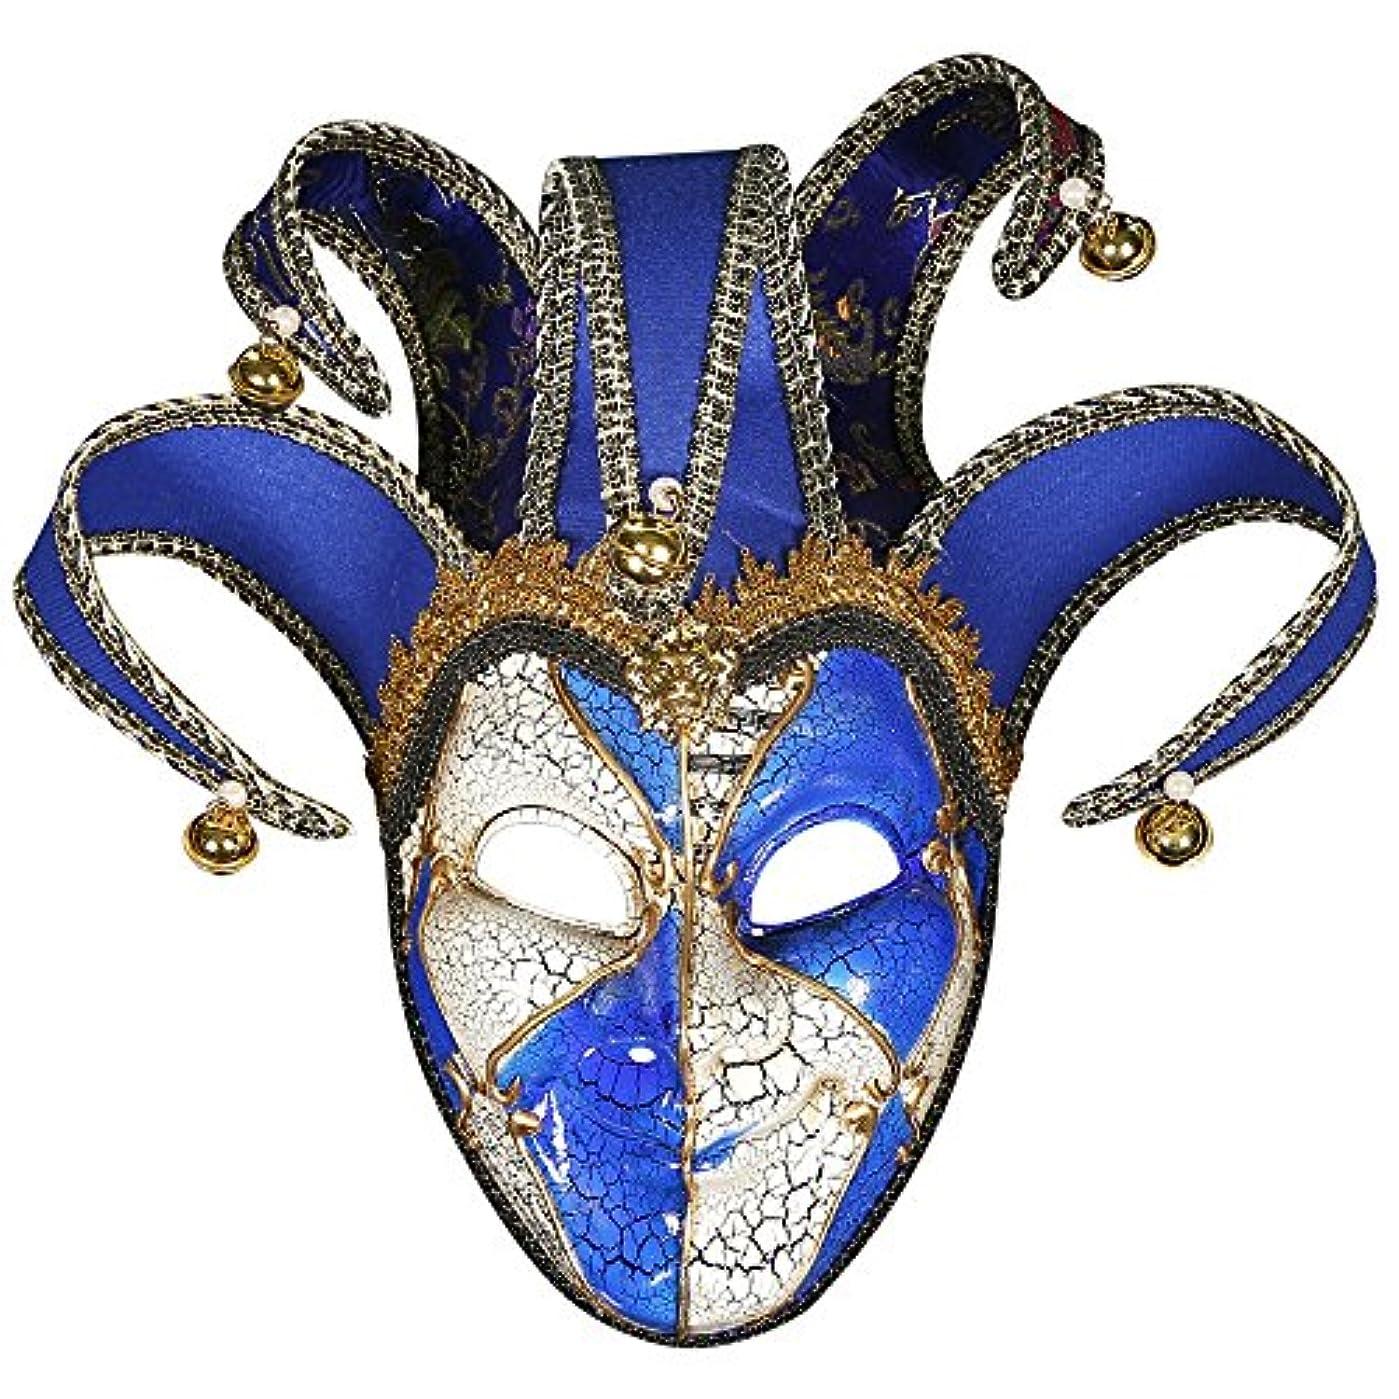 食い違いシェル順応性ハイエンドの美しいクラックフェスティバル仮面舞踏会マスクハロウィーン誕生日パーティーピエロマスク